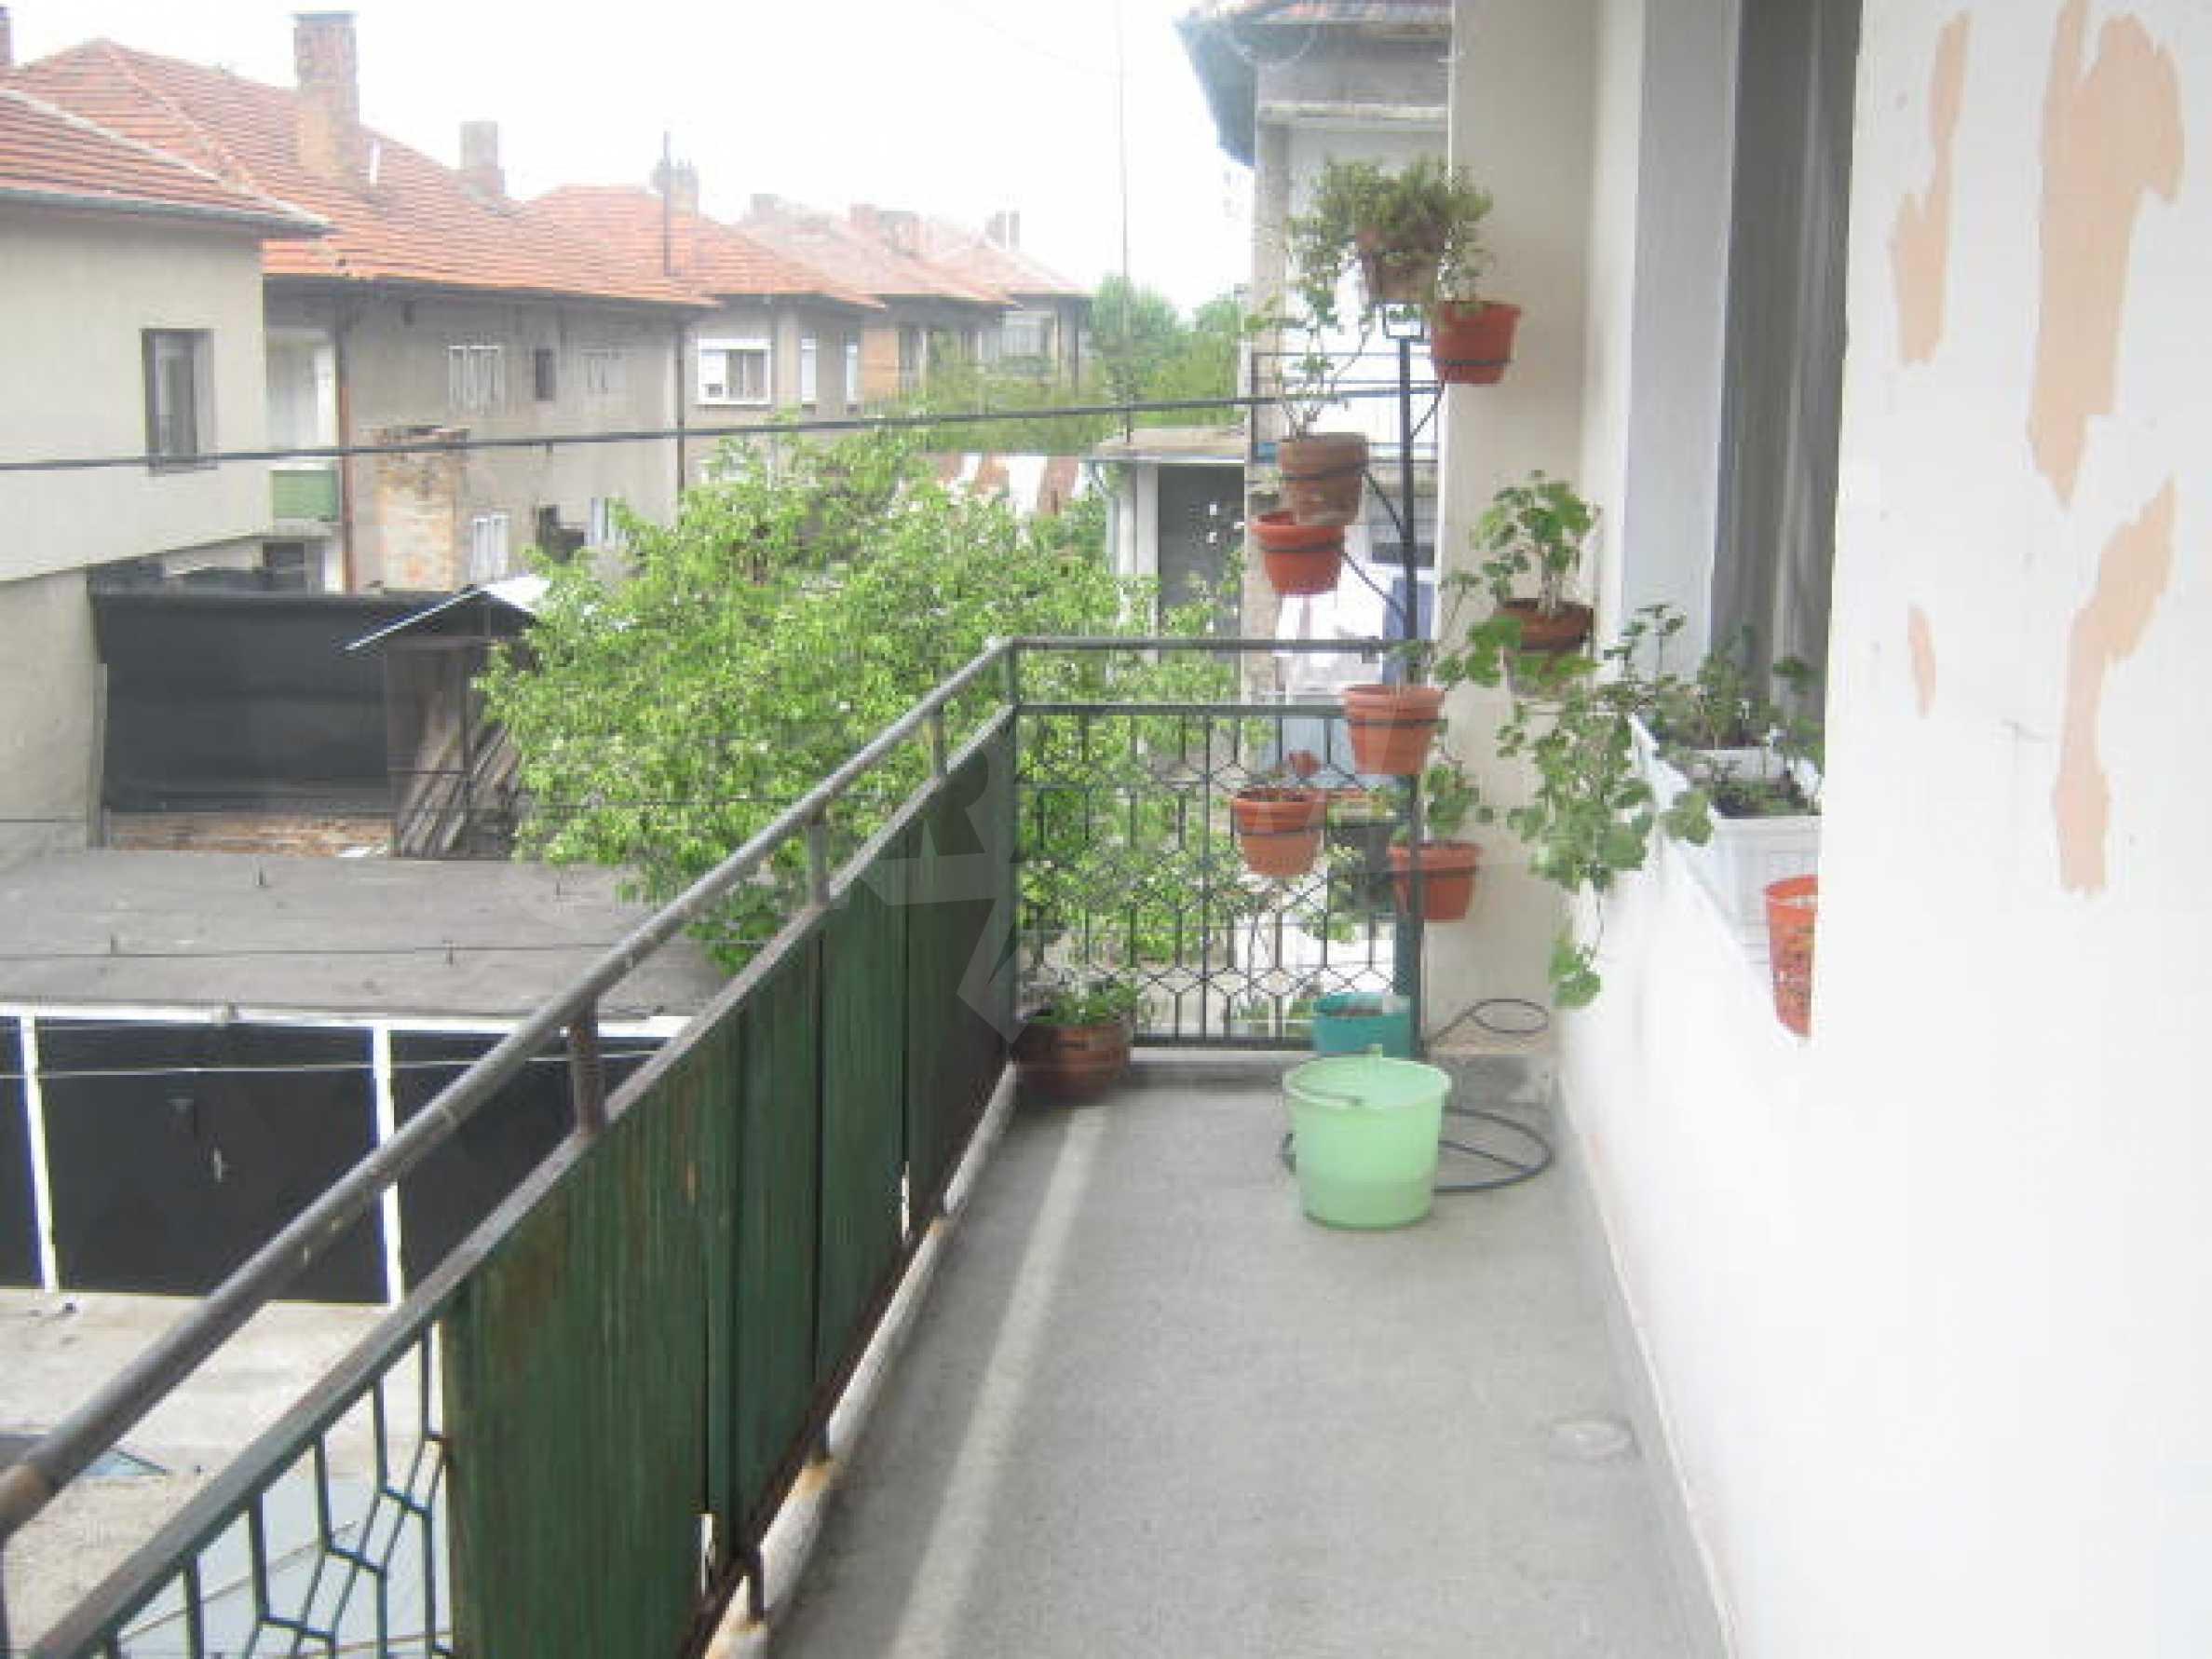 Продажа этажа дома в г. Видин 13